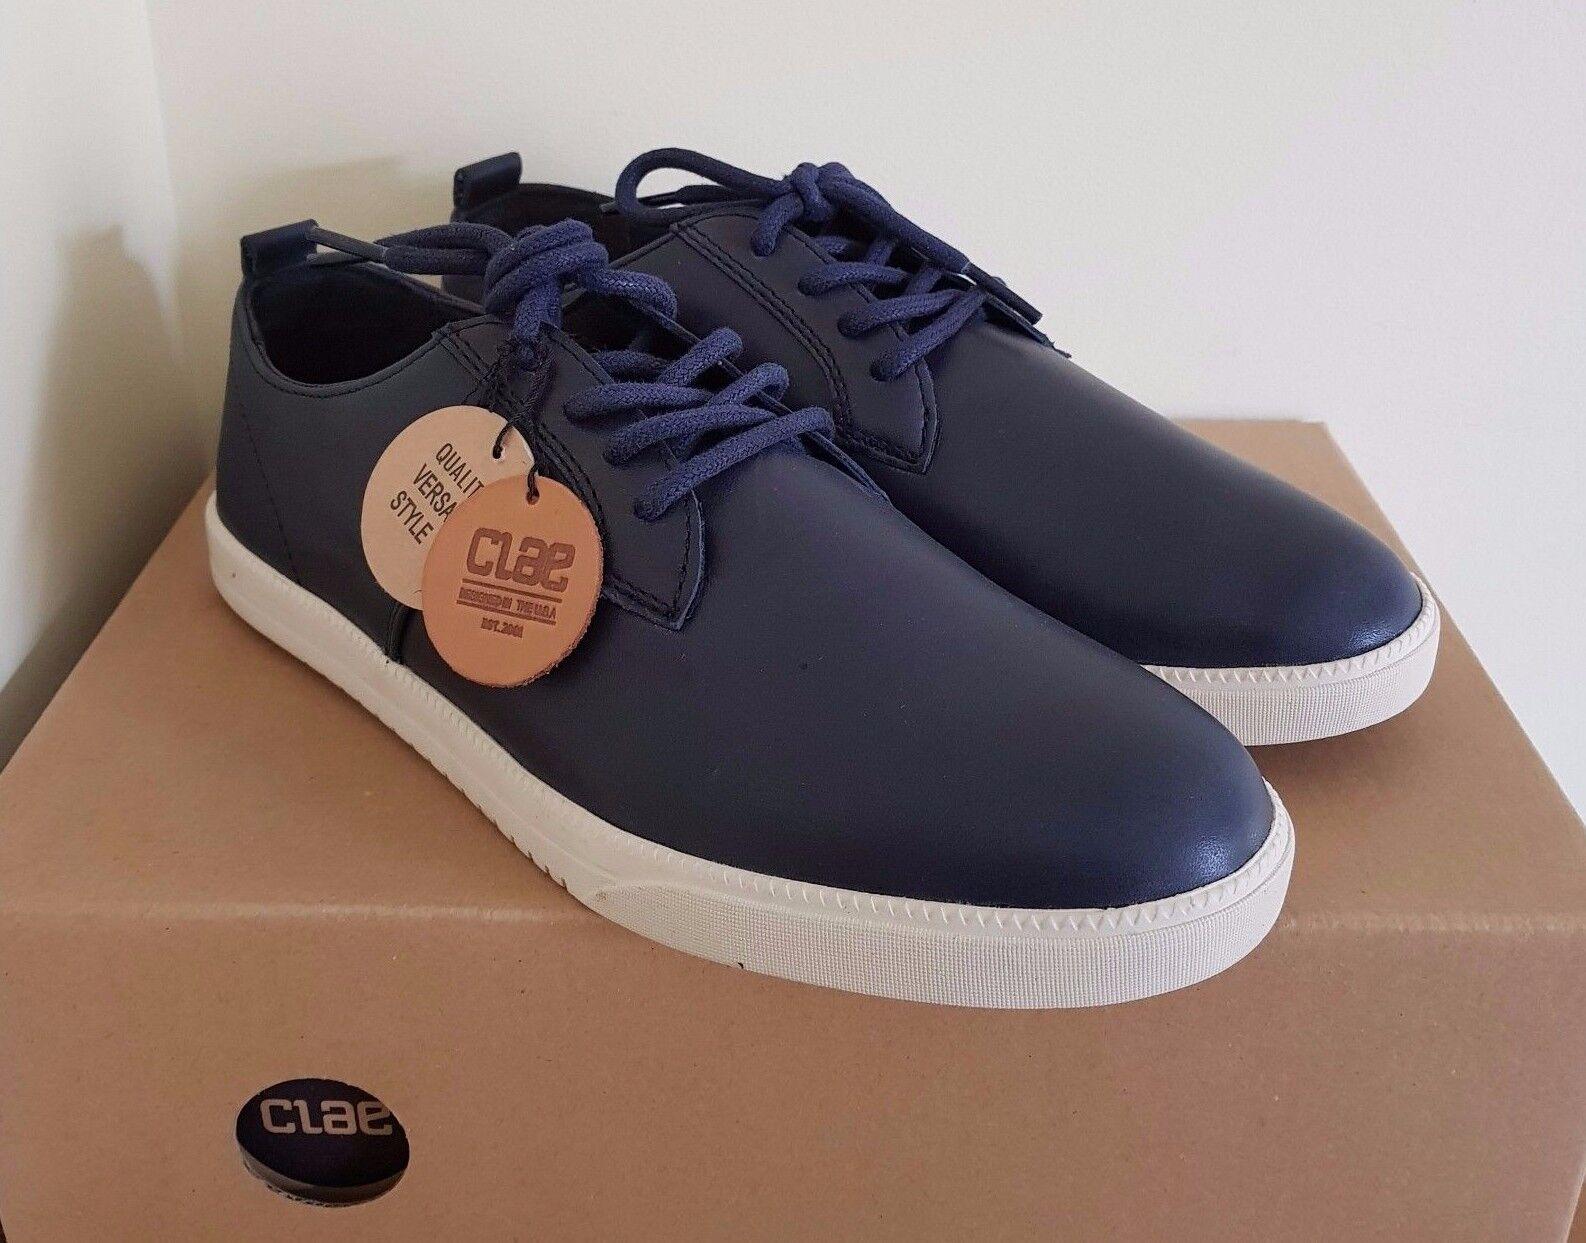 CLAE Ellington Navy Leather men's shoes US 7   EUR 40 (rrp  )